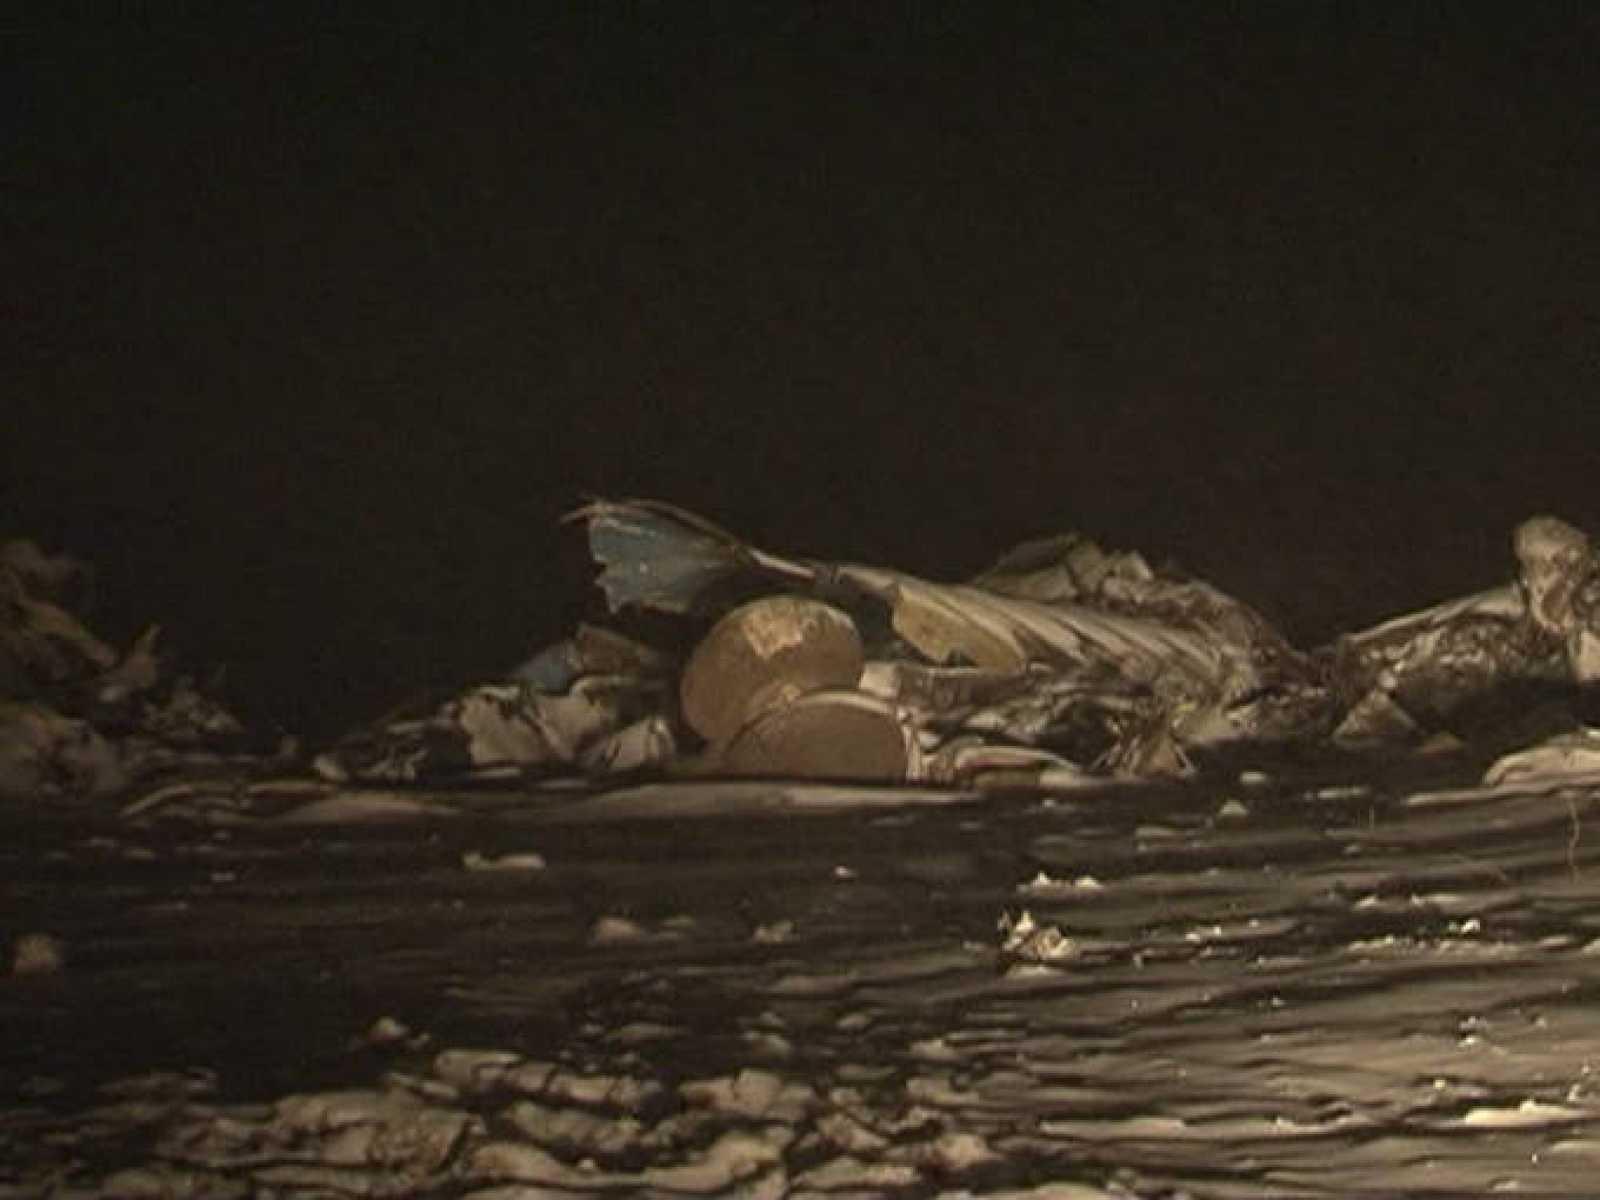 Restos del avión Antonov que se ha estrellado en Kazajstán, causando 27 muertos